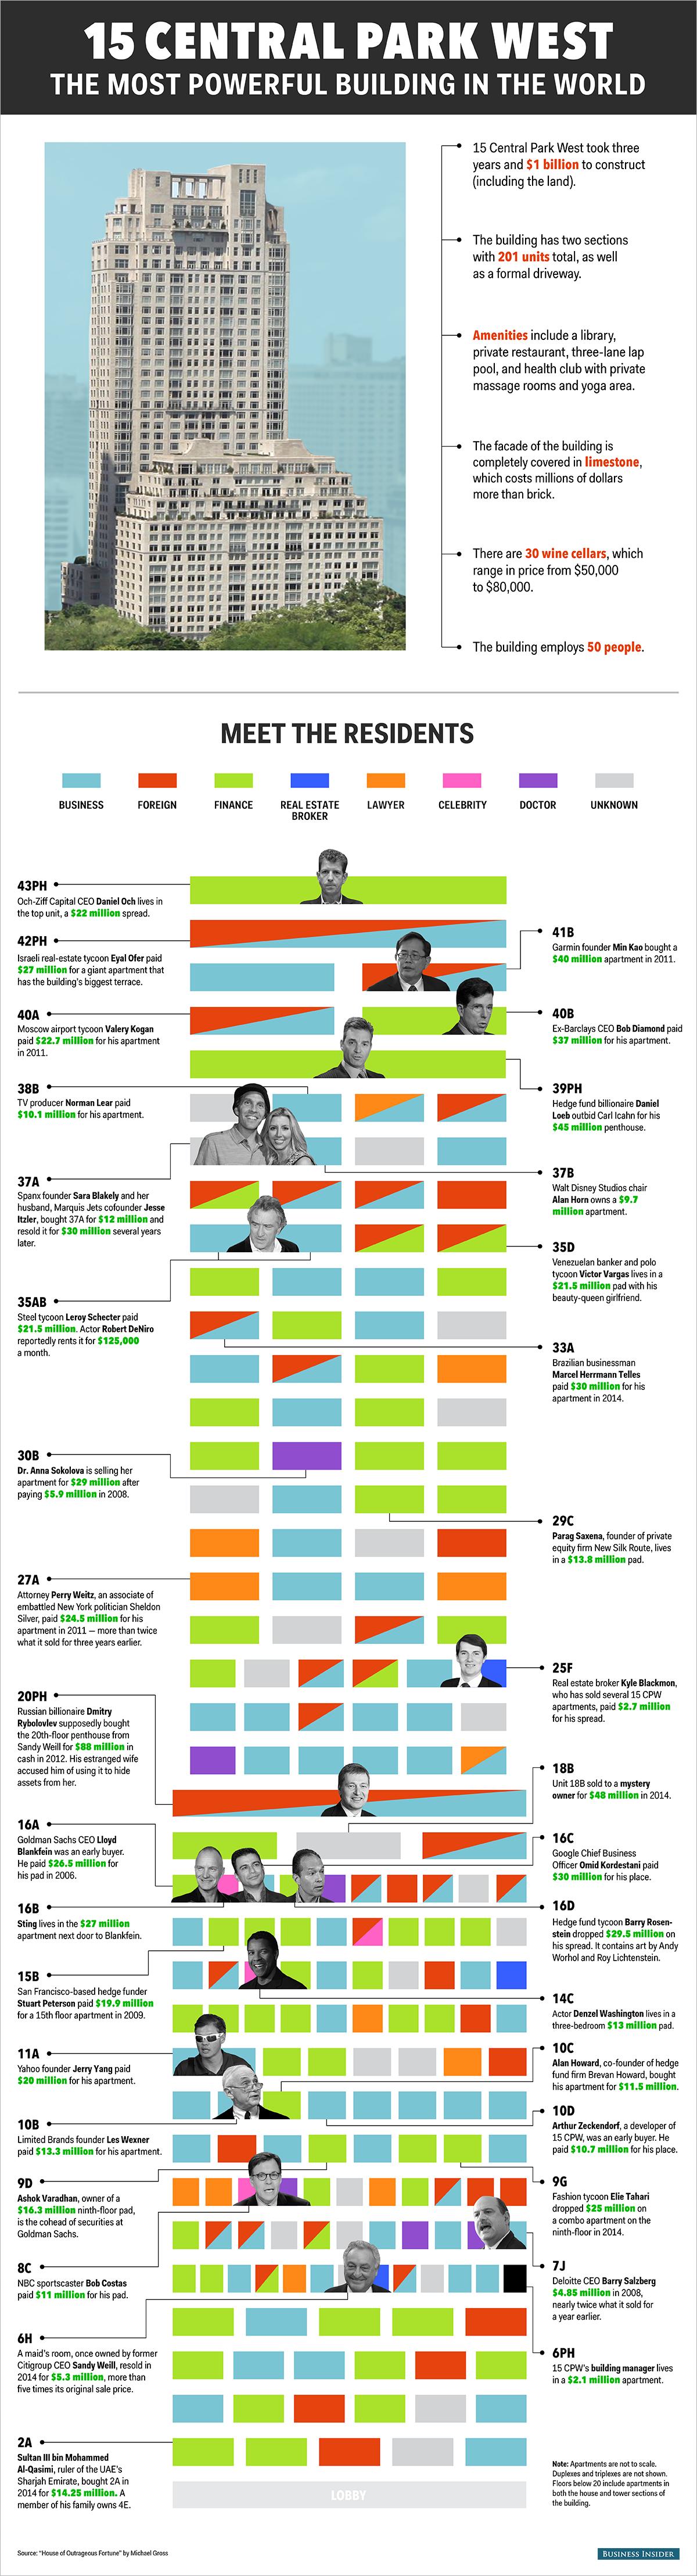 インフォグラフィック:世界で最も高いマンション家賃は月額1500万円(12万5000ドル)